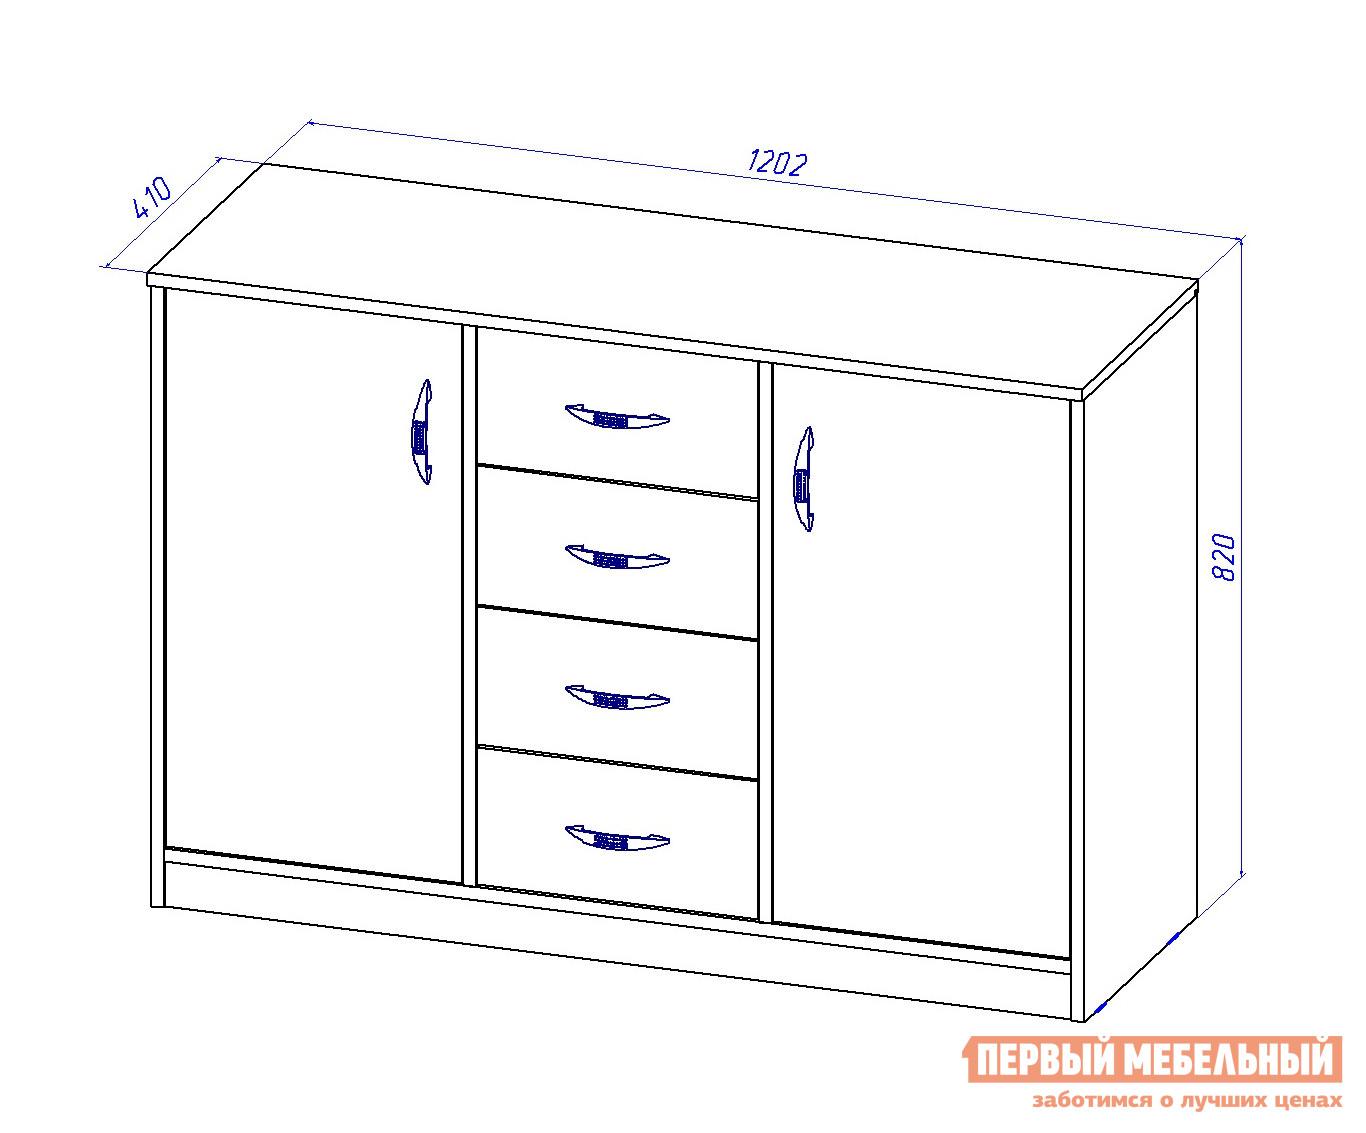 Схема тумбы с 3 ящиками